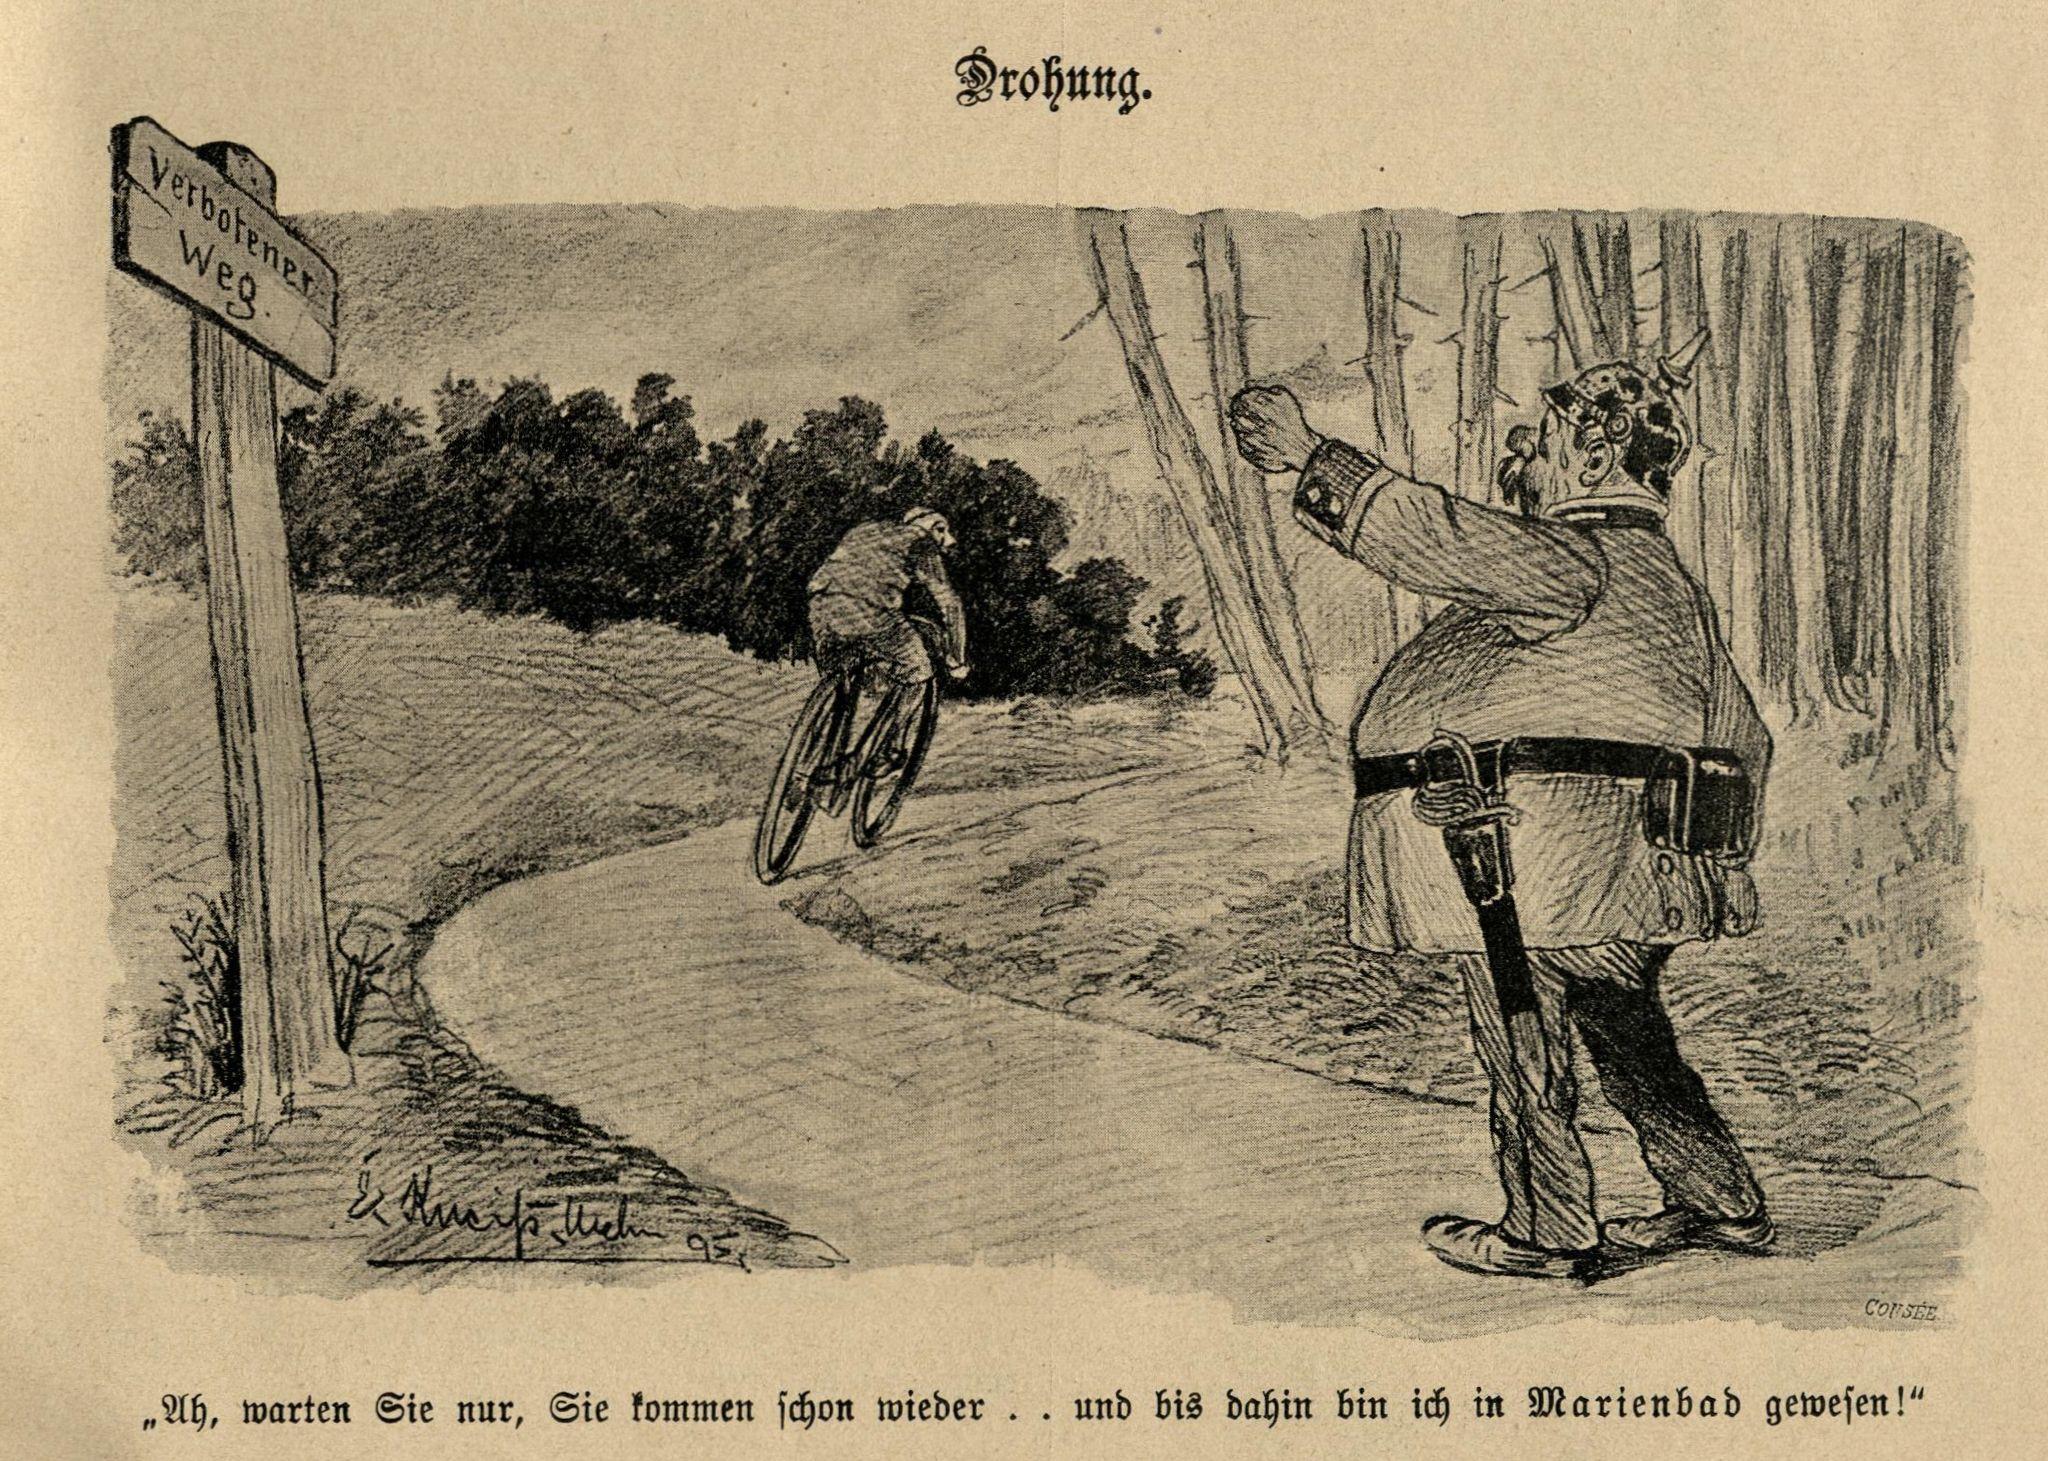 """Bild: """"Ah, warten Sie nur, sie kommen schon wieder... und bis dahin bin ich in Marienbad gewesen!"""""""